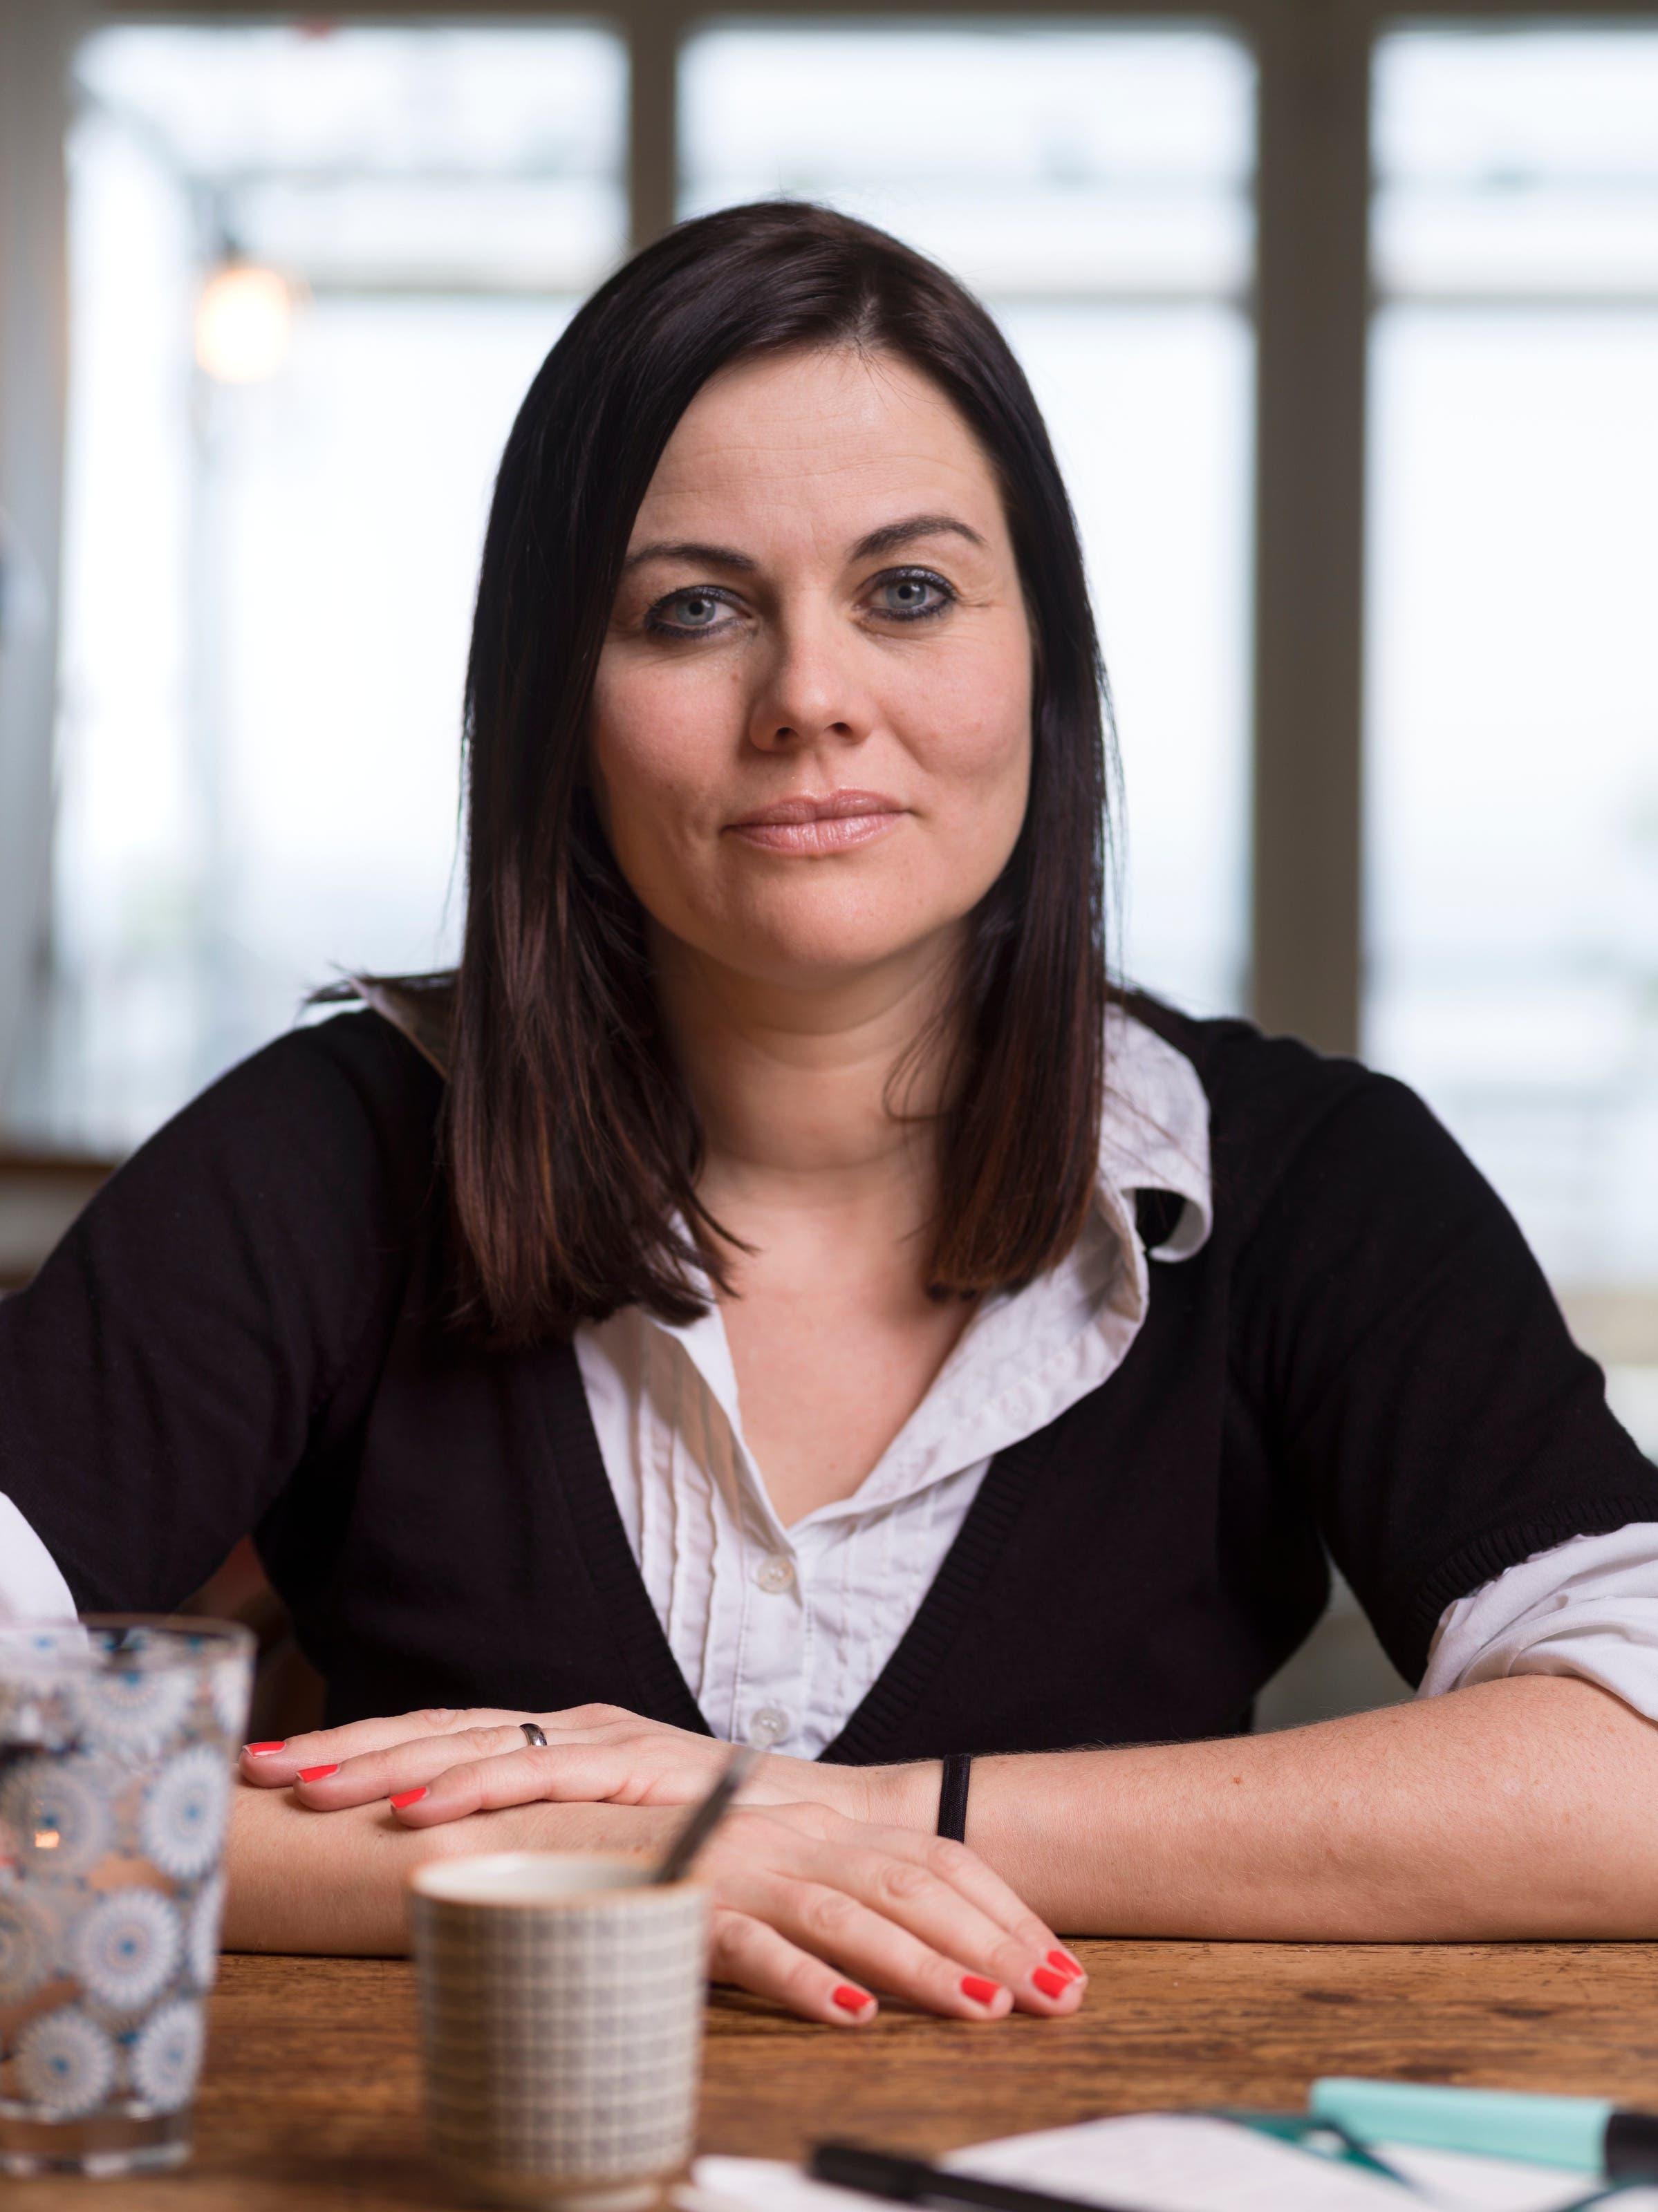 Jolanda Spiess-Hegglin ist heute Geschäftsführerin des Vereins #NetzCourage. Sie kämpft gegen Hasskommentare im Internet.